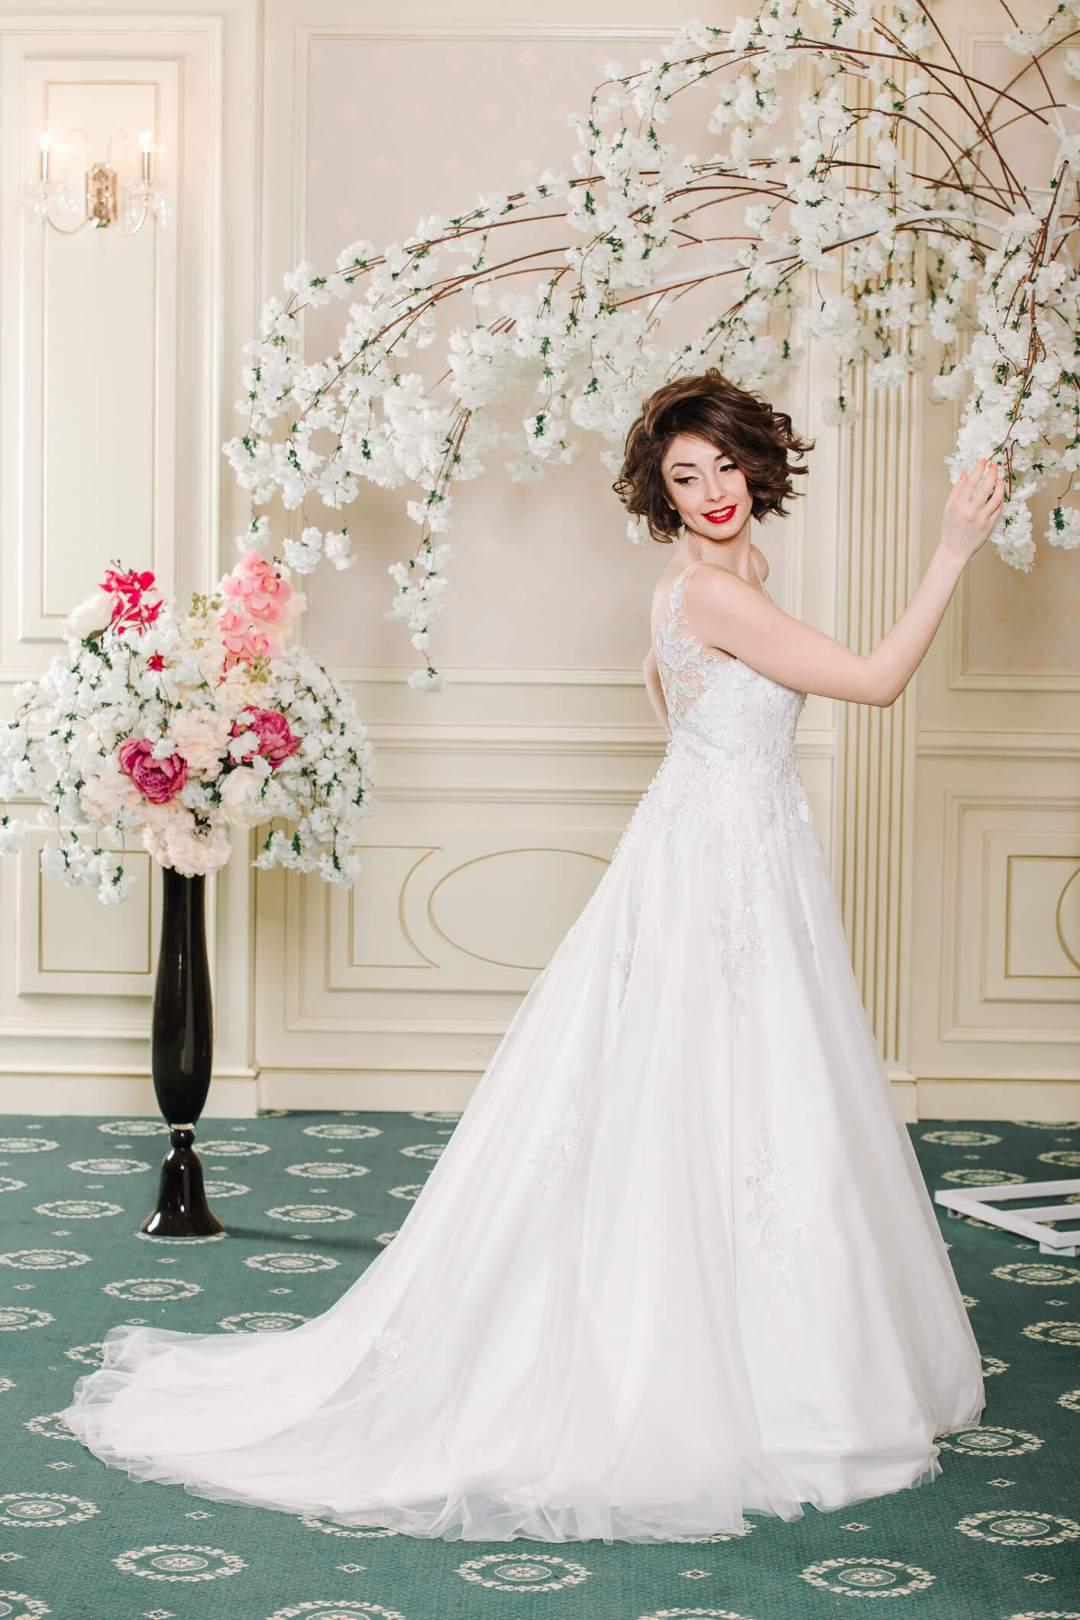 Dalila - Bridal Couture 2019